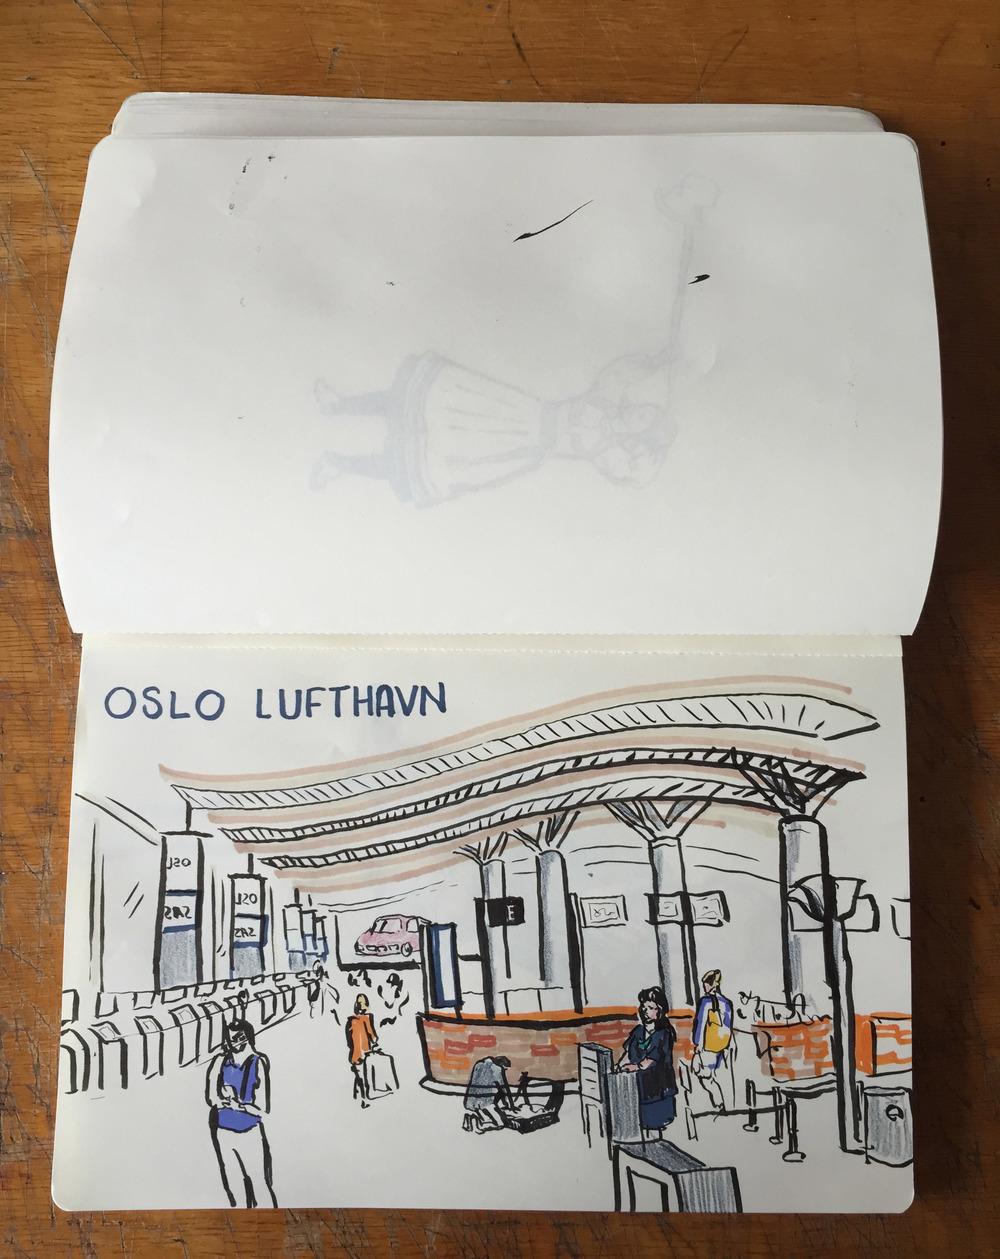 Oslo Lufthavn - Oslo, Norway